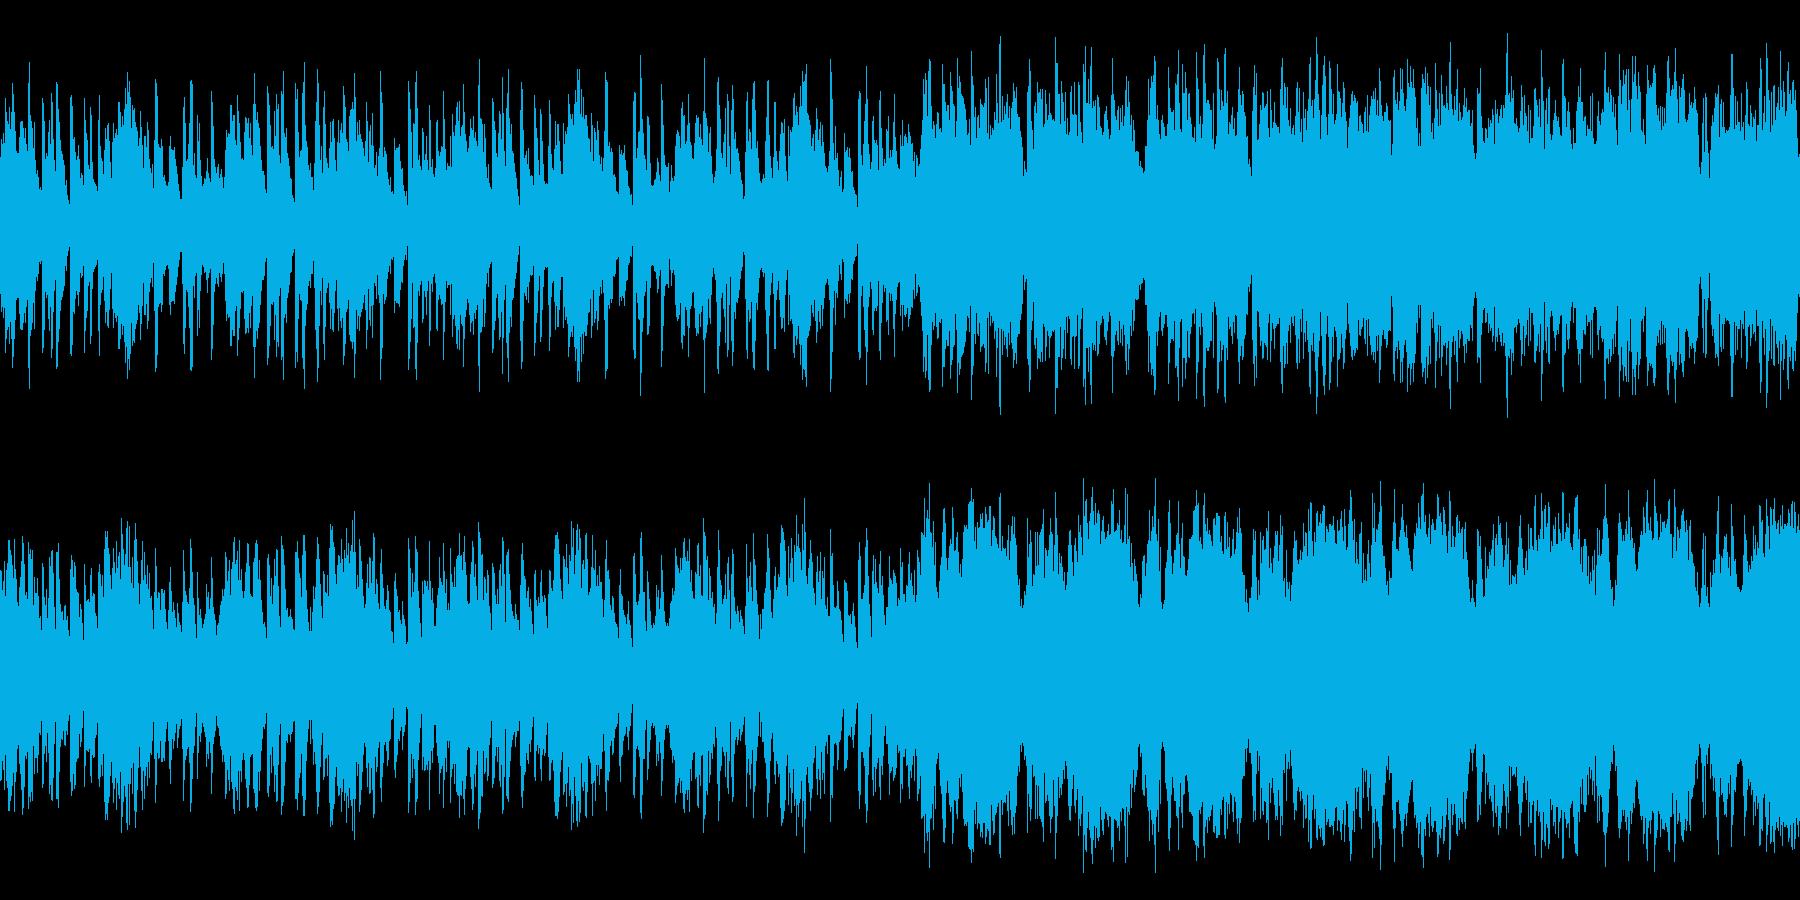 部族 民族 ループの再生済みの波形